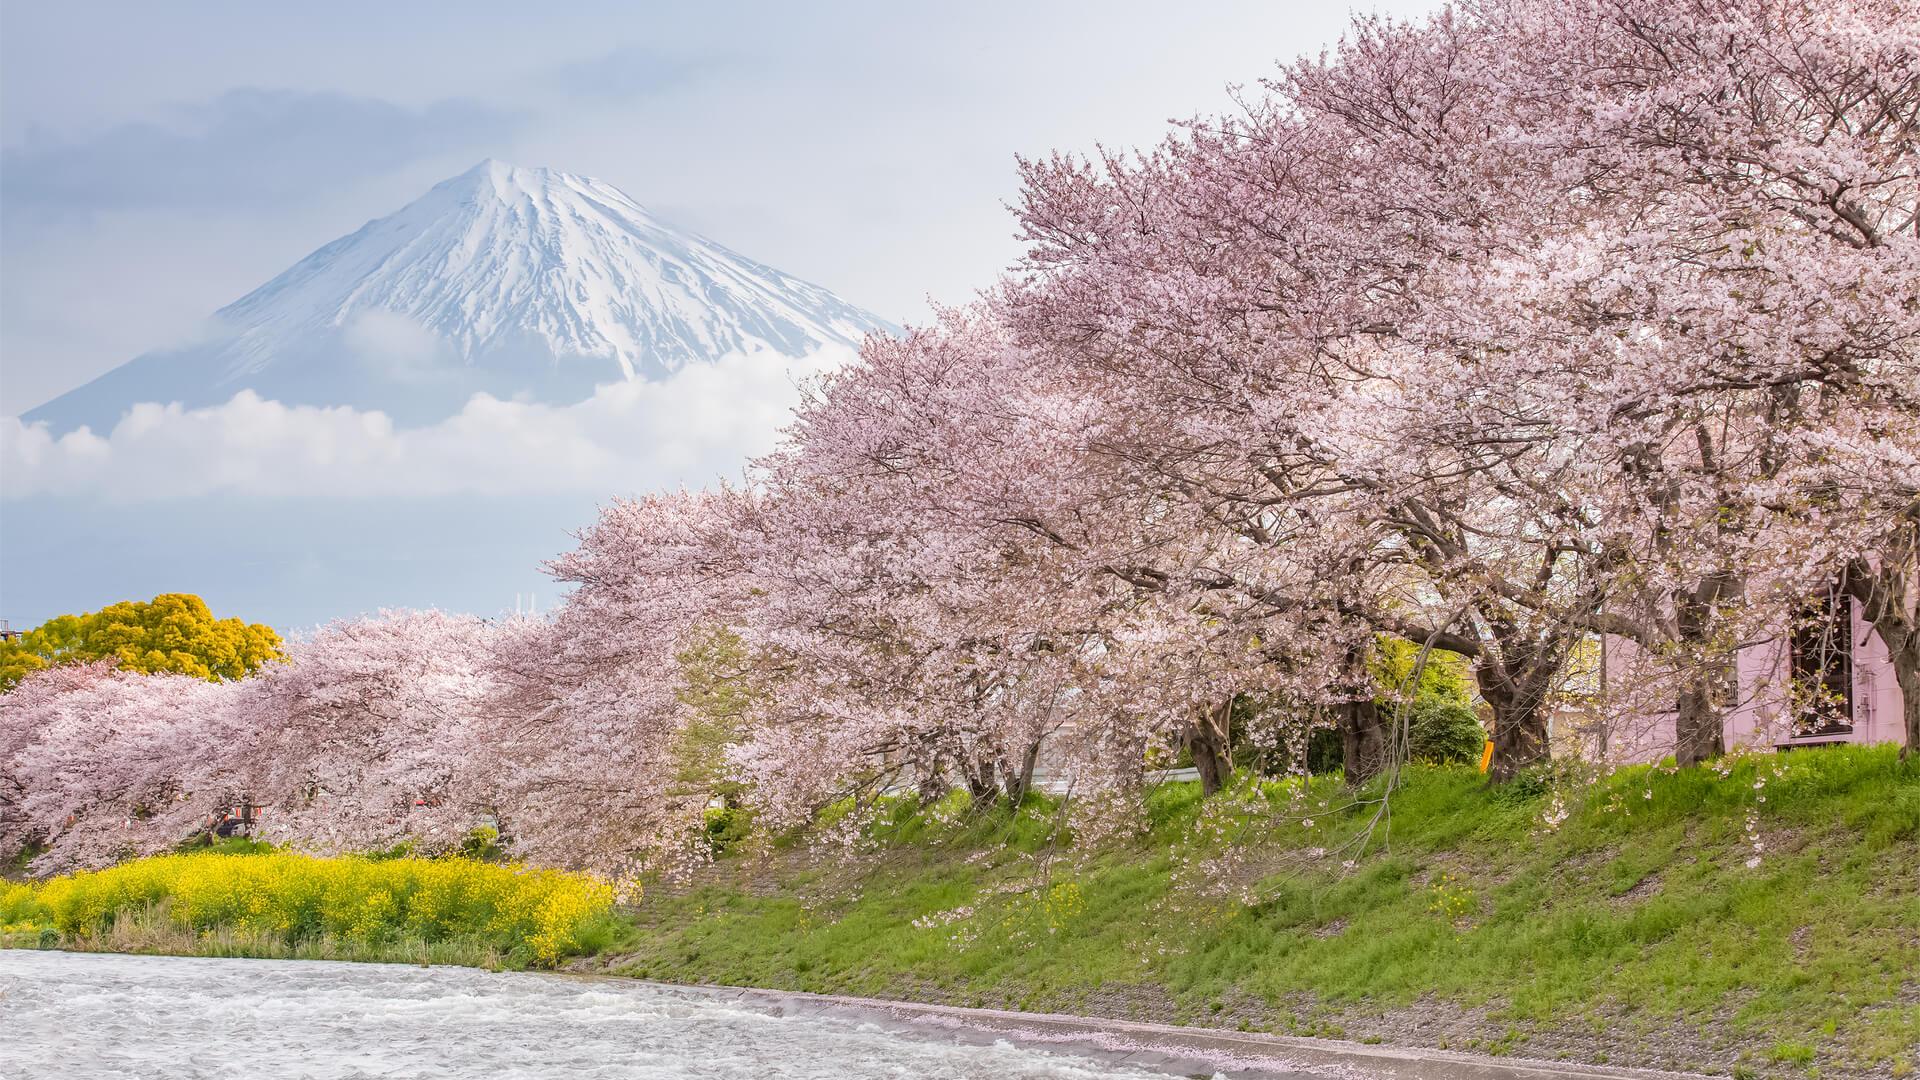 viajar a Japón, Monte Fuji